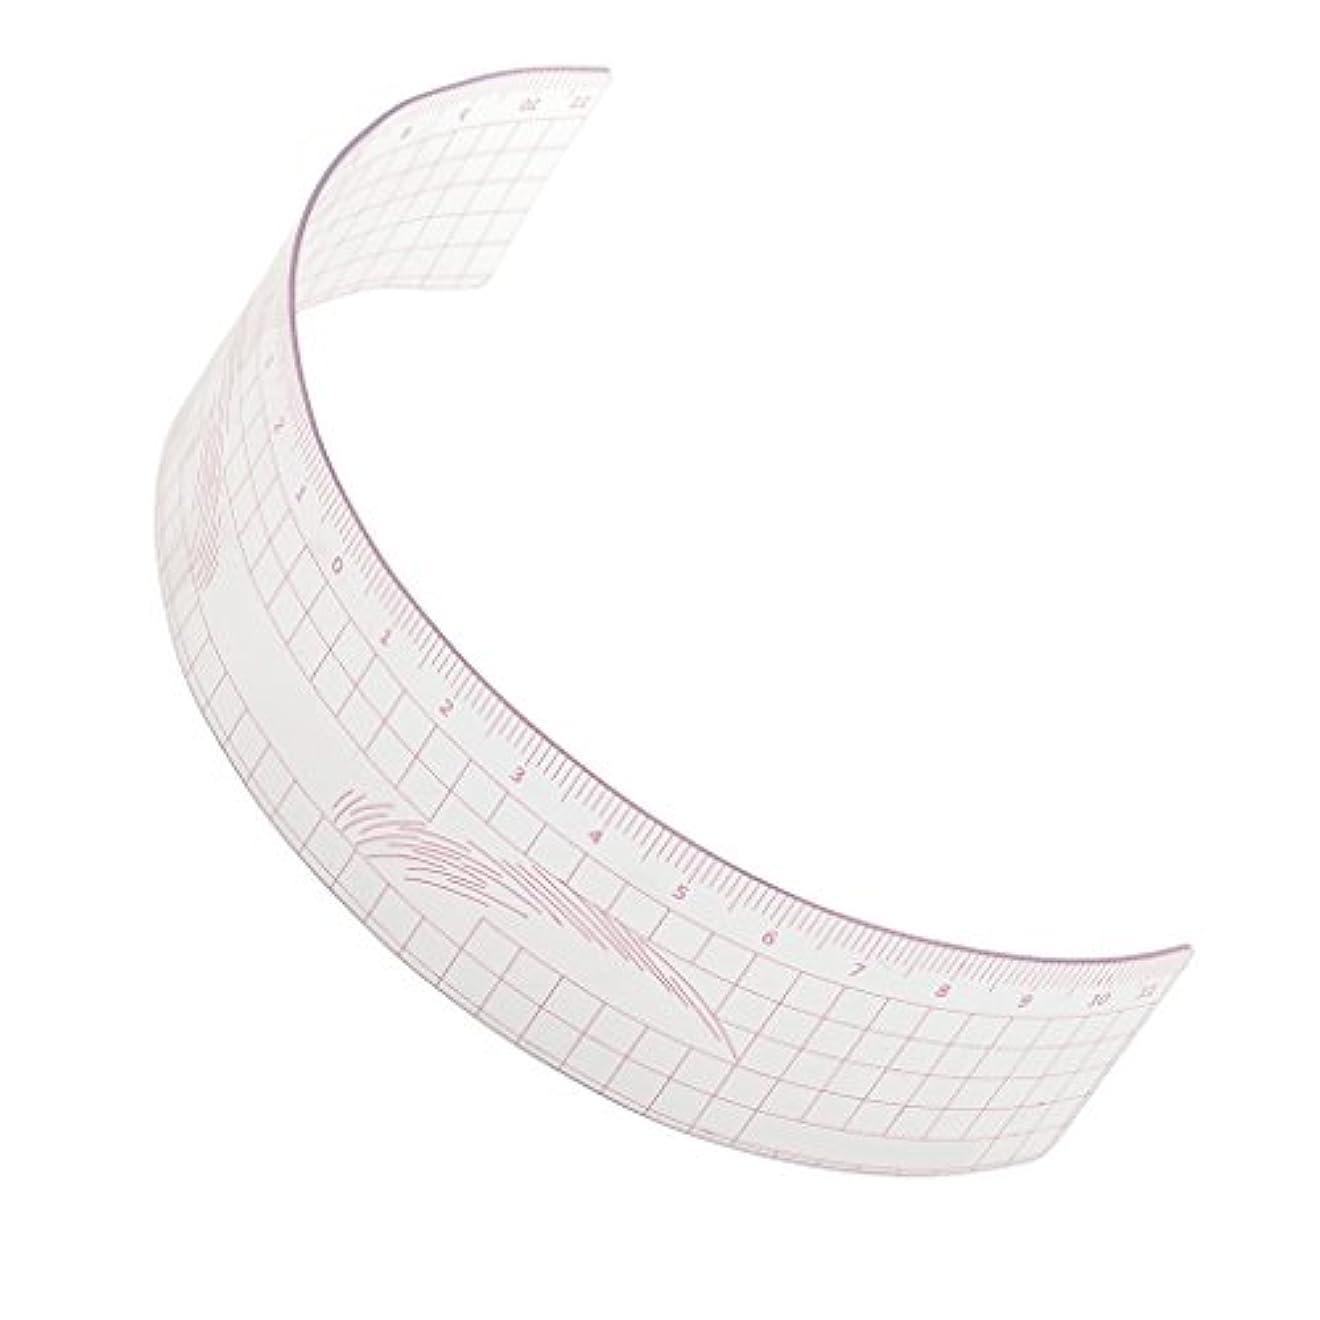 ブロッサム石油小切手Perfk 再利用可能 メイク 眉毛ステンシル マイクロブレード 測定用 ルーラー ツール 全3色 - ピンク